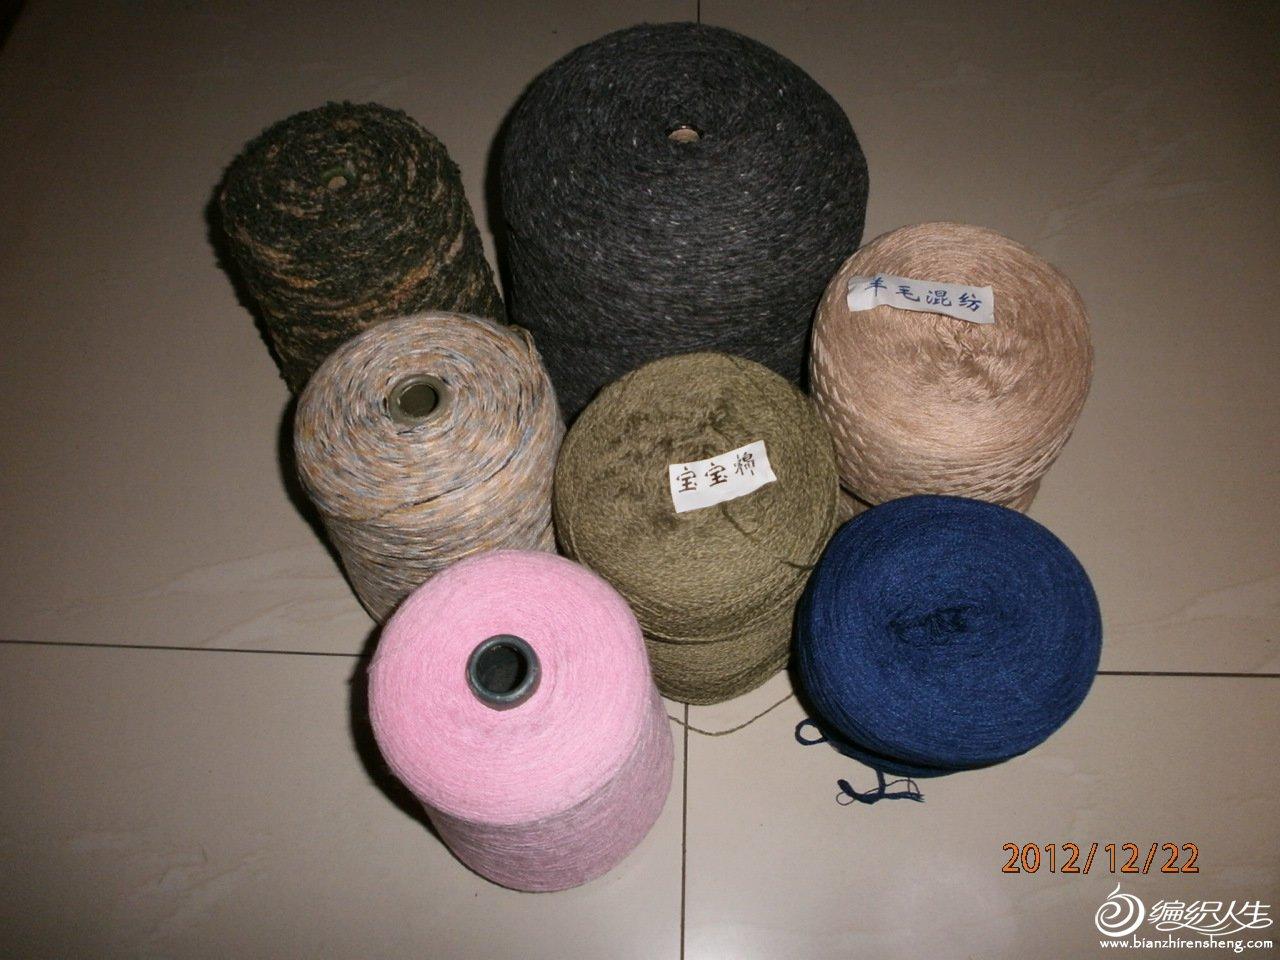 有标的是羊毛混纺和宝宝棉,最大的是羊仔毛,旁边的圈圈线,花色的是夹花马海毛彩虹线,粉红的三七毛,深蓝色估计 ...